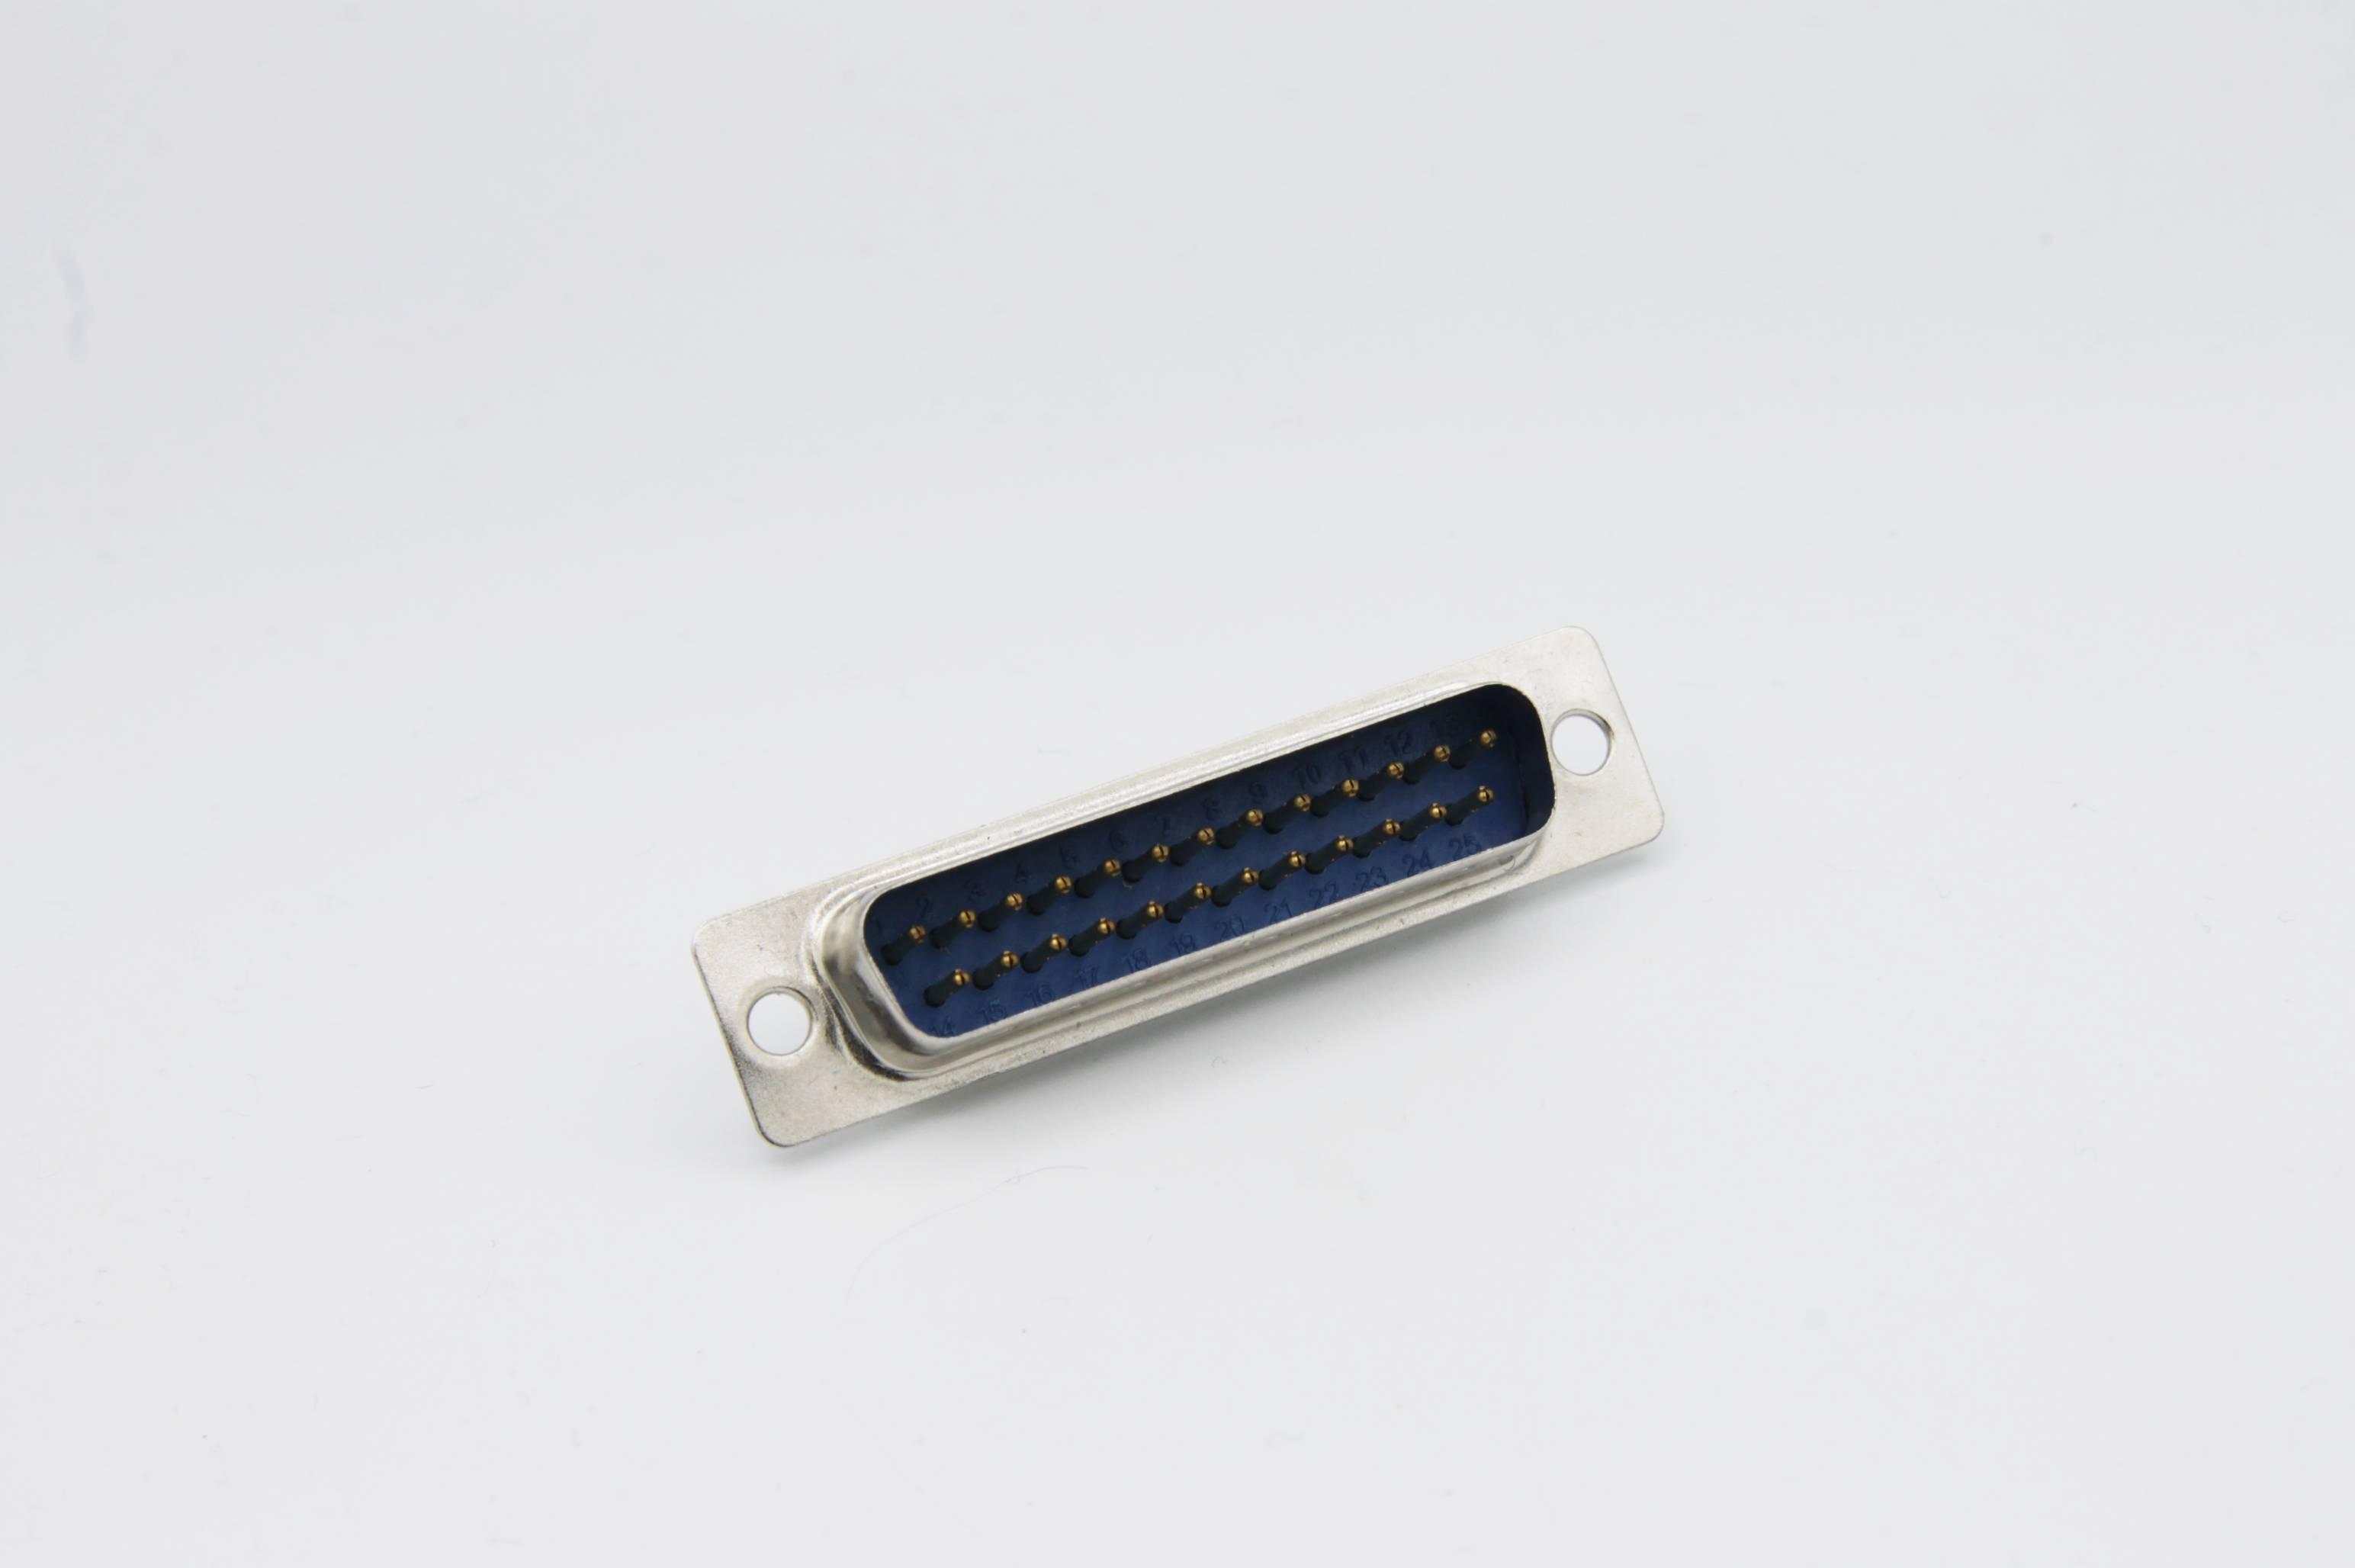 Sub-D-Stiftleiste 25-polig gerade mit Lötkelchen